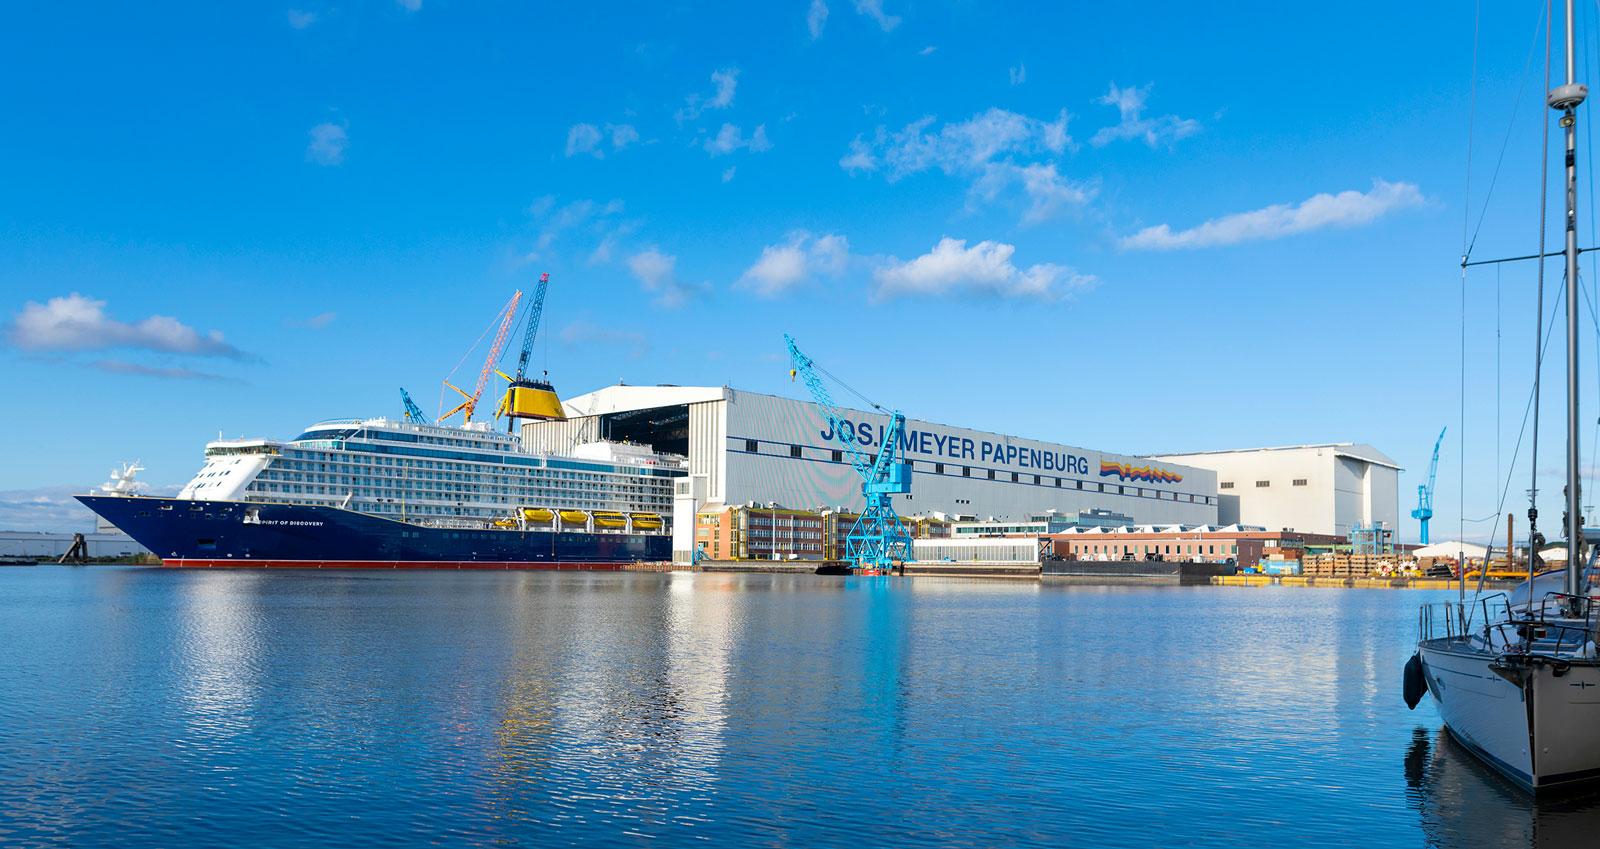 Sjösättningen av nya fartyg betyder ofta ett stort party med musikkonsert, fyrverkeri och folksamling.